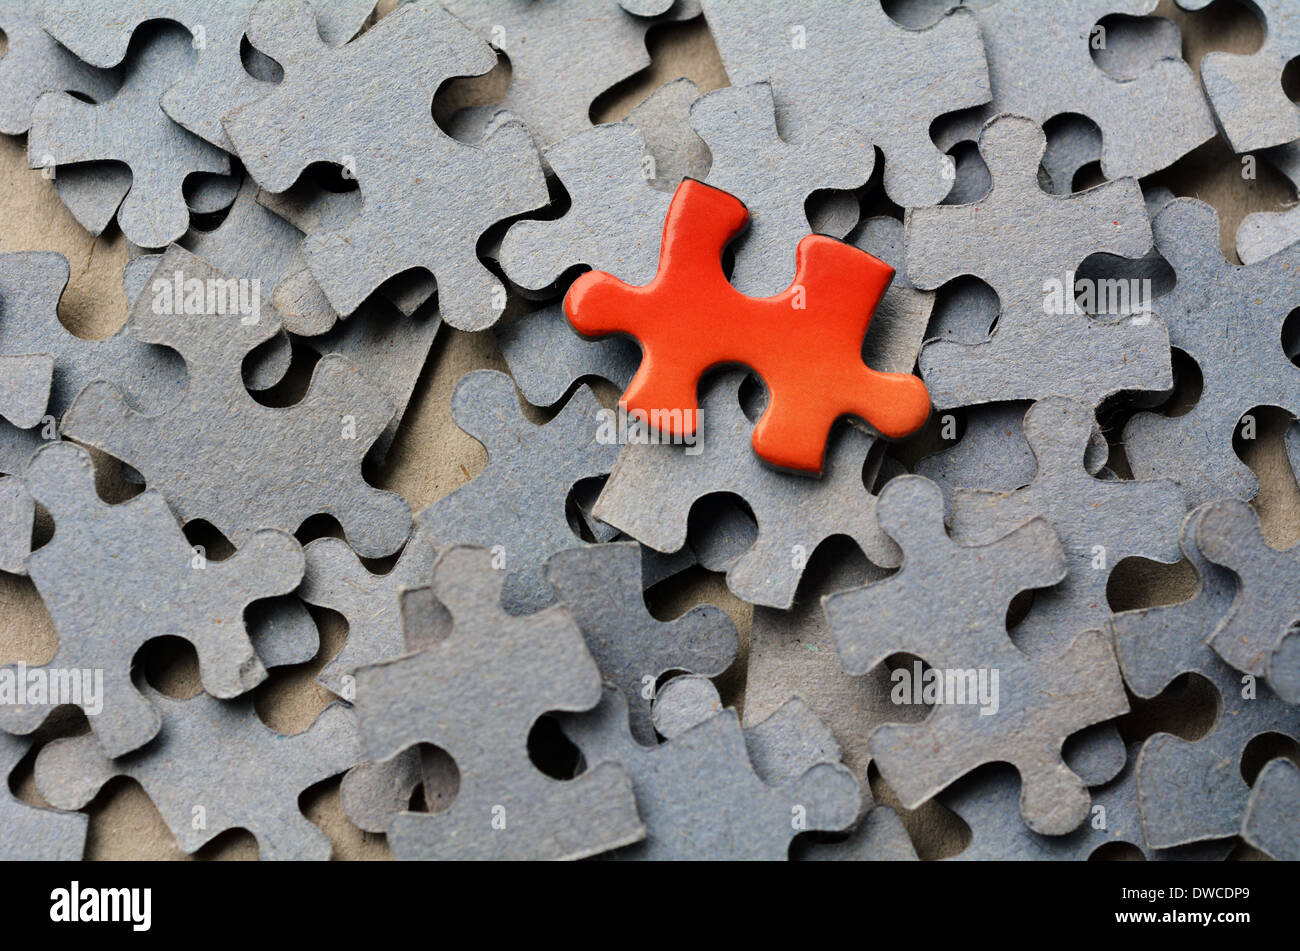 Orange pezzo di puzzle in piedi fuori dal gruppo di grandi pezzi di un puzzle. Il concetto di business - branding, differente e originale. Immagini Stock